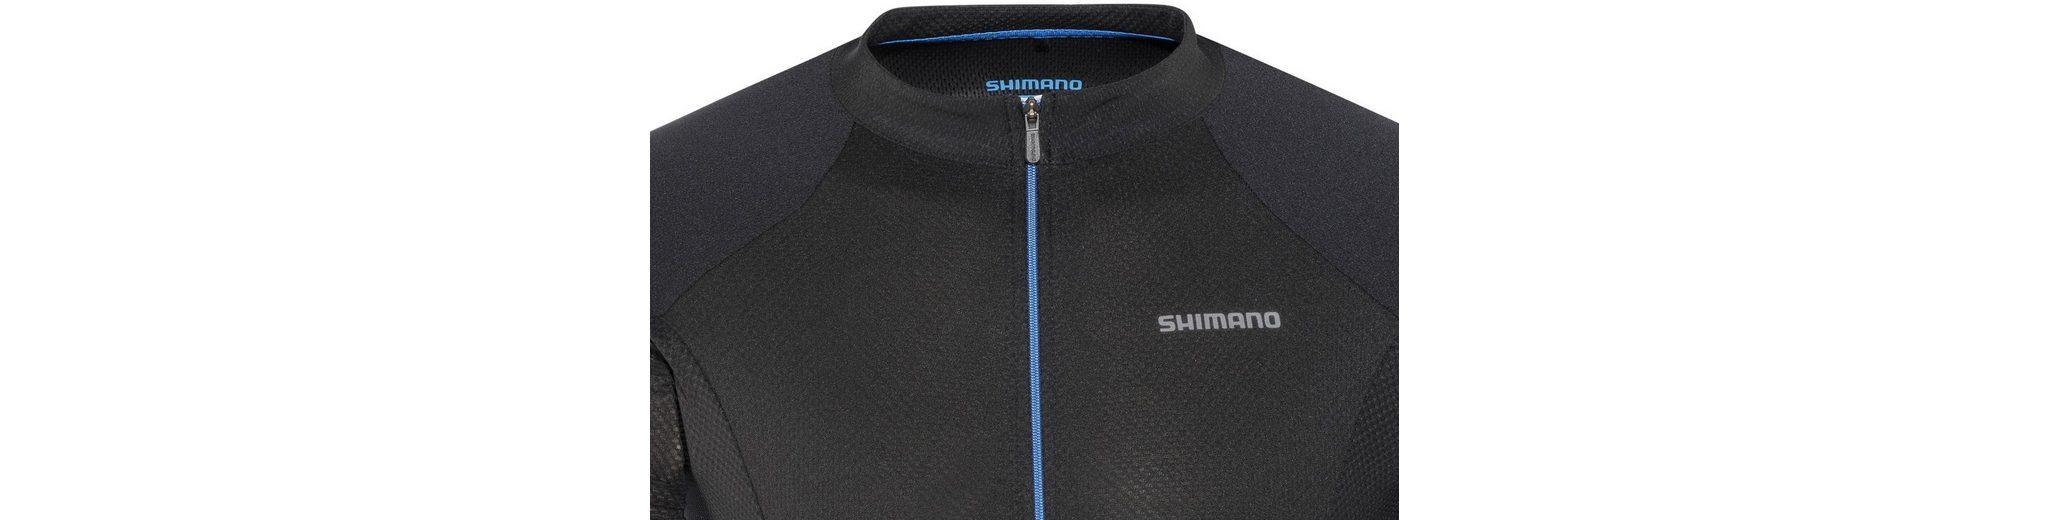 Freies Verschiffen Heißen Verkauf Shimano T-Shirt Escape Jersey Men Countdown Paket Günstiger Preis 242QBkqyye